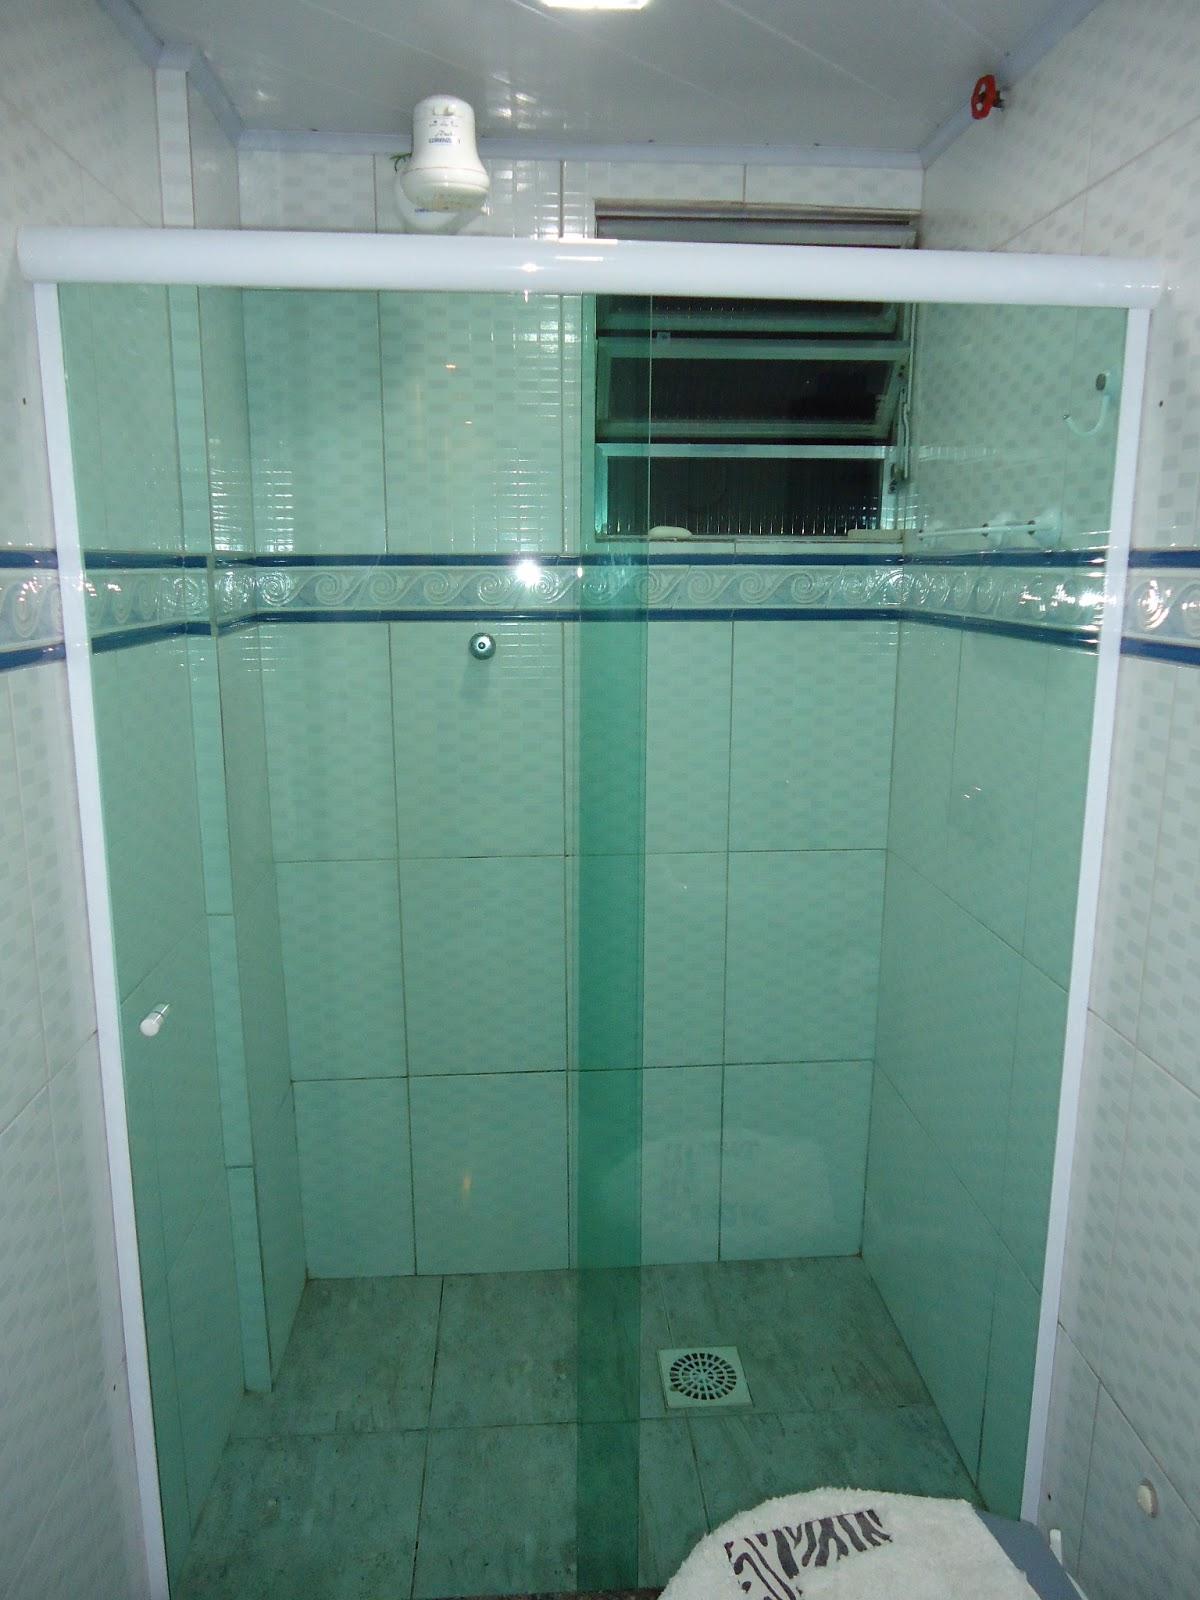 Imagens de #244B5E Esquadriplanet (21) 76612778: Box p/ banheiro 1200x1600 px 3514 Blindex De Banheiro Rj